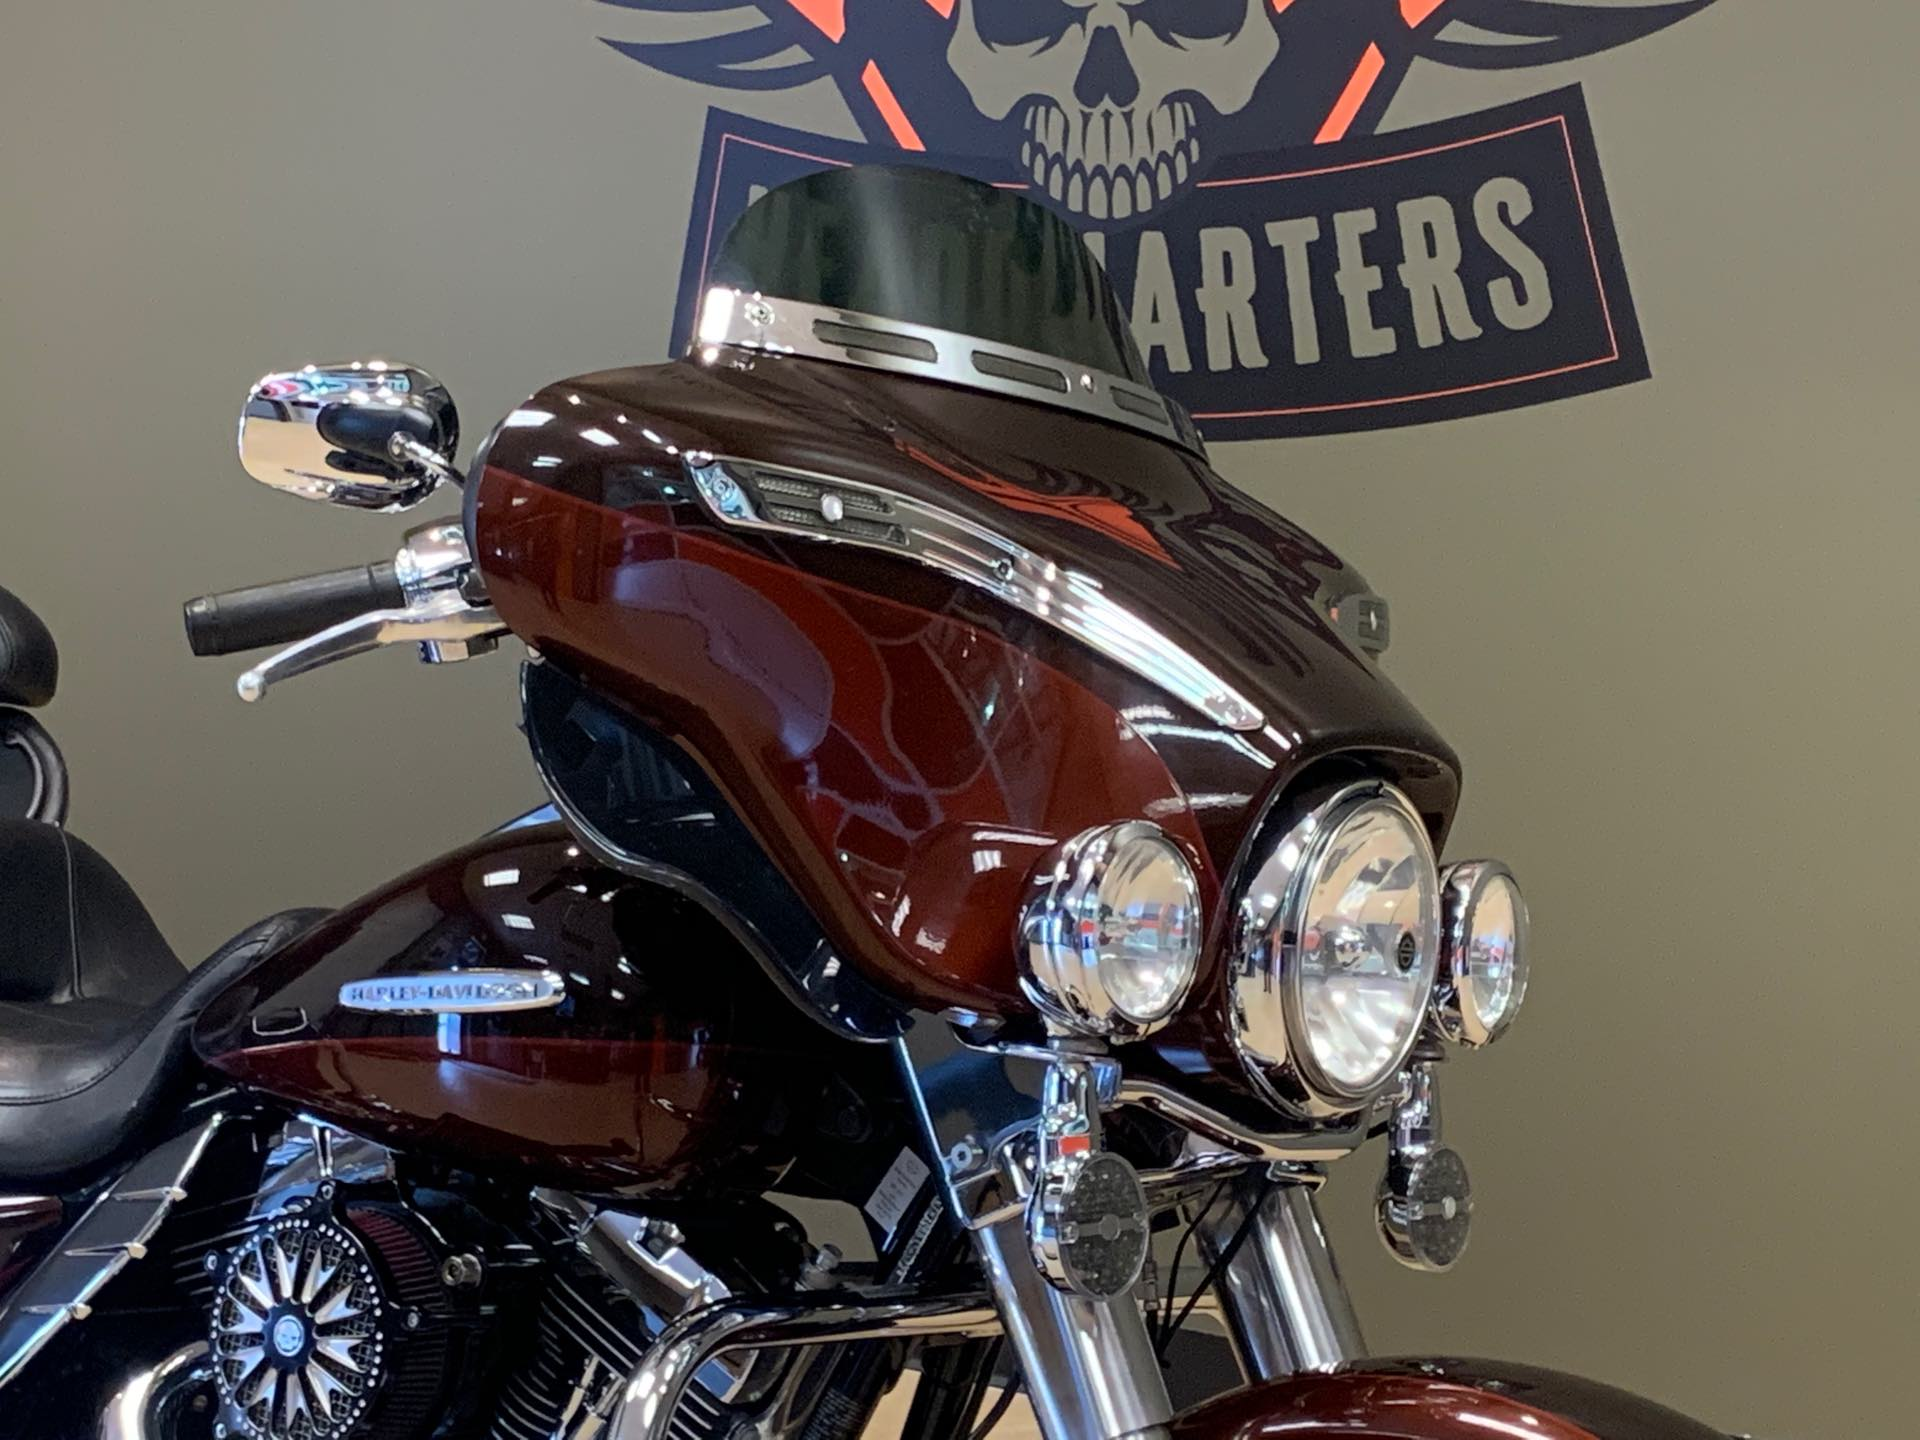 2011 Harley-Davidson Electra Glide Ultra Limited at Loess Hills Harley-Davidson